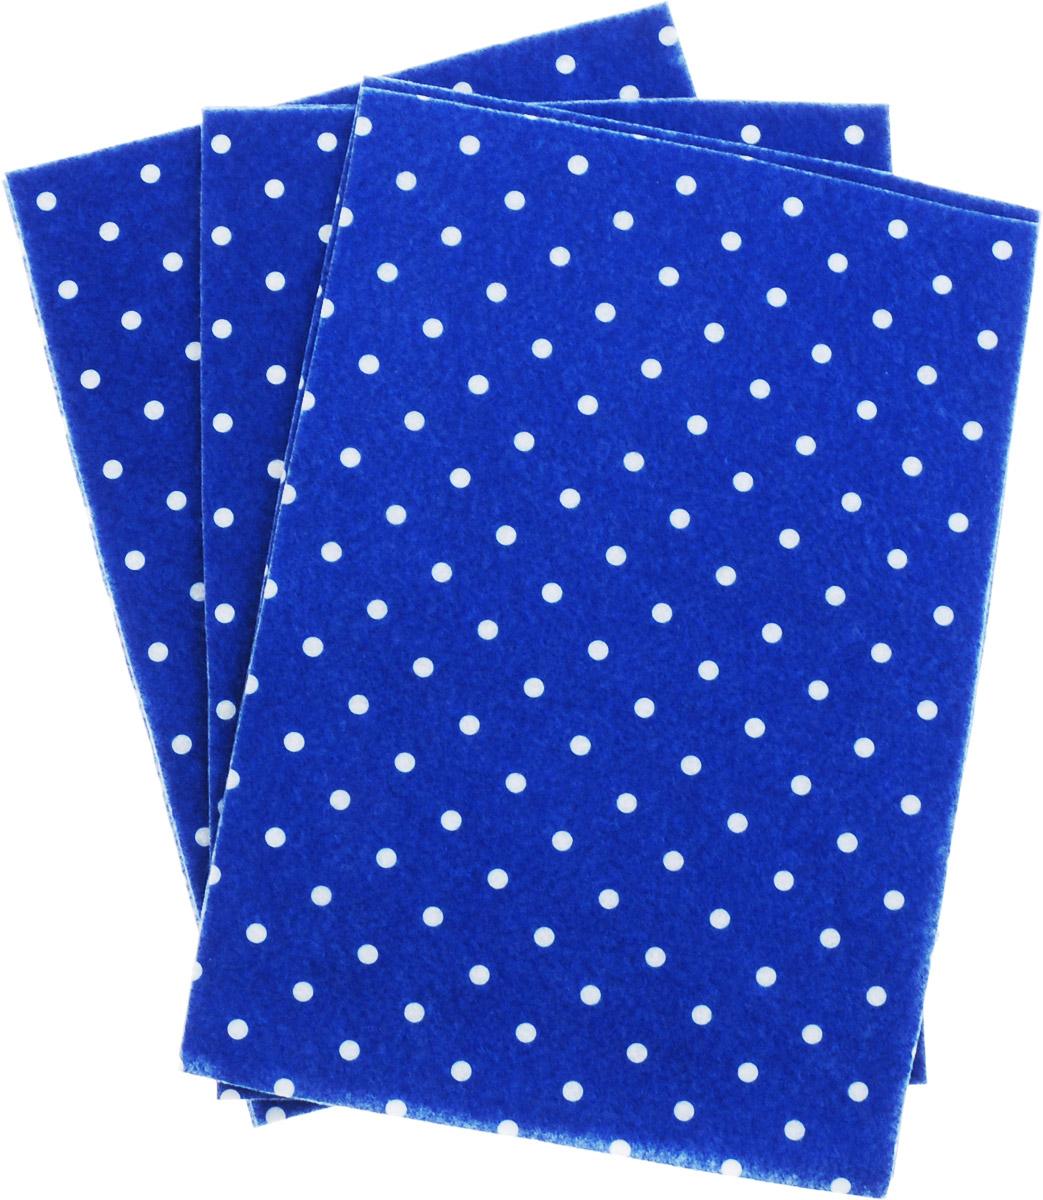 Фетр листовой для творчества Астра Горох, 20 х 30 см, 10 шт97775318Мягкий фетр Астра Горох, изготовленный из100% полиэстера, используется для отделки готовых работ в разных техниках. Основное применение тонкого фетра - создание аппликаций, набивных игрушек, подушек, декора, бижутерии. Вы также можете его использовать для внутренней отделки шкатулки или подарочной коробки. Фетр напоминает бумагу, его также можно, резать, шить, клеить. Листы не лохматятся в месте разреза, что упрощает обработку краев. Материал хорошо приклеивается практически на любые поверхности, и не имеет лица и изнанки.В наборе - 10 листов.Размер листа: 20 х 30 см.Толщина листа: 1 мм.